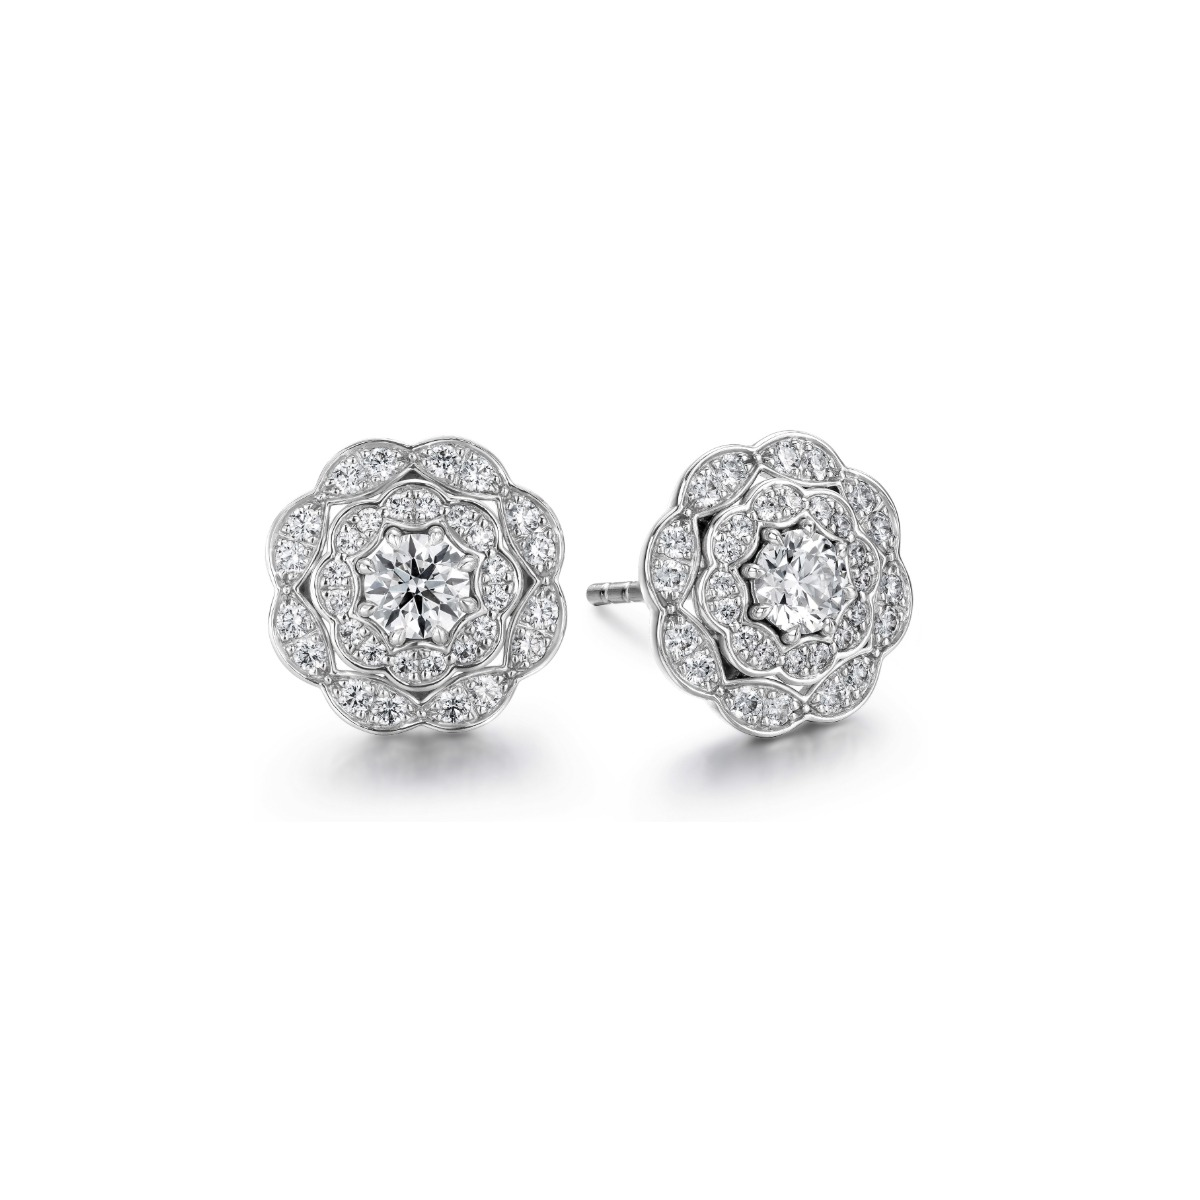 Hearts On Fire 18k White Gold Lorelei Double Halo Diamond Stud Earrings Little Treasury